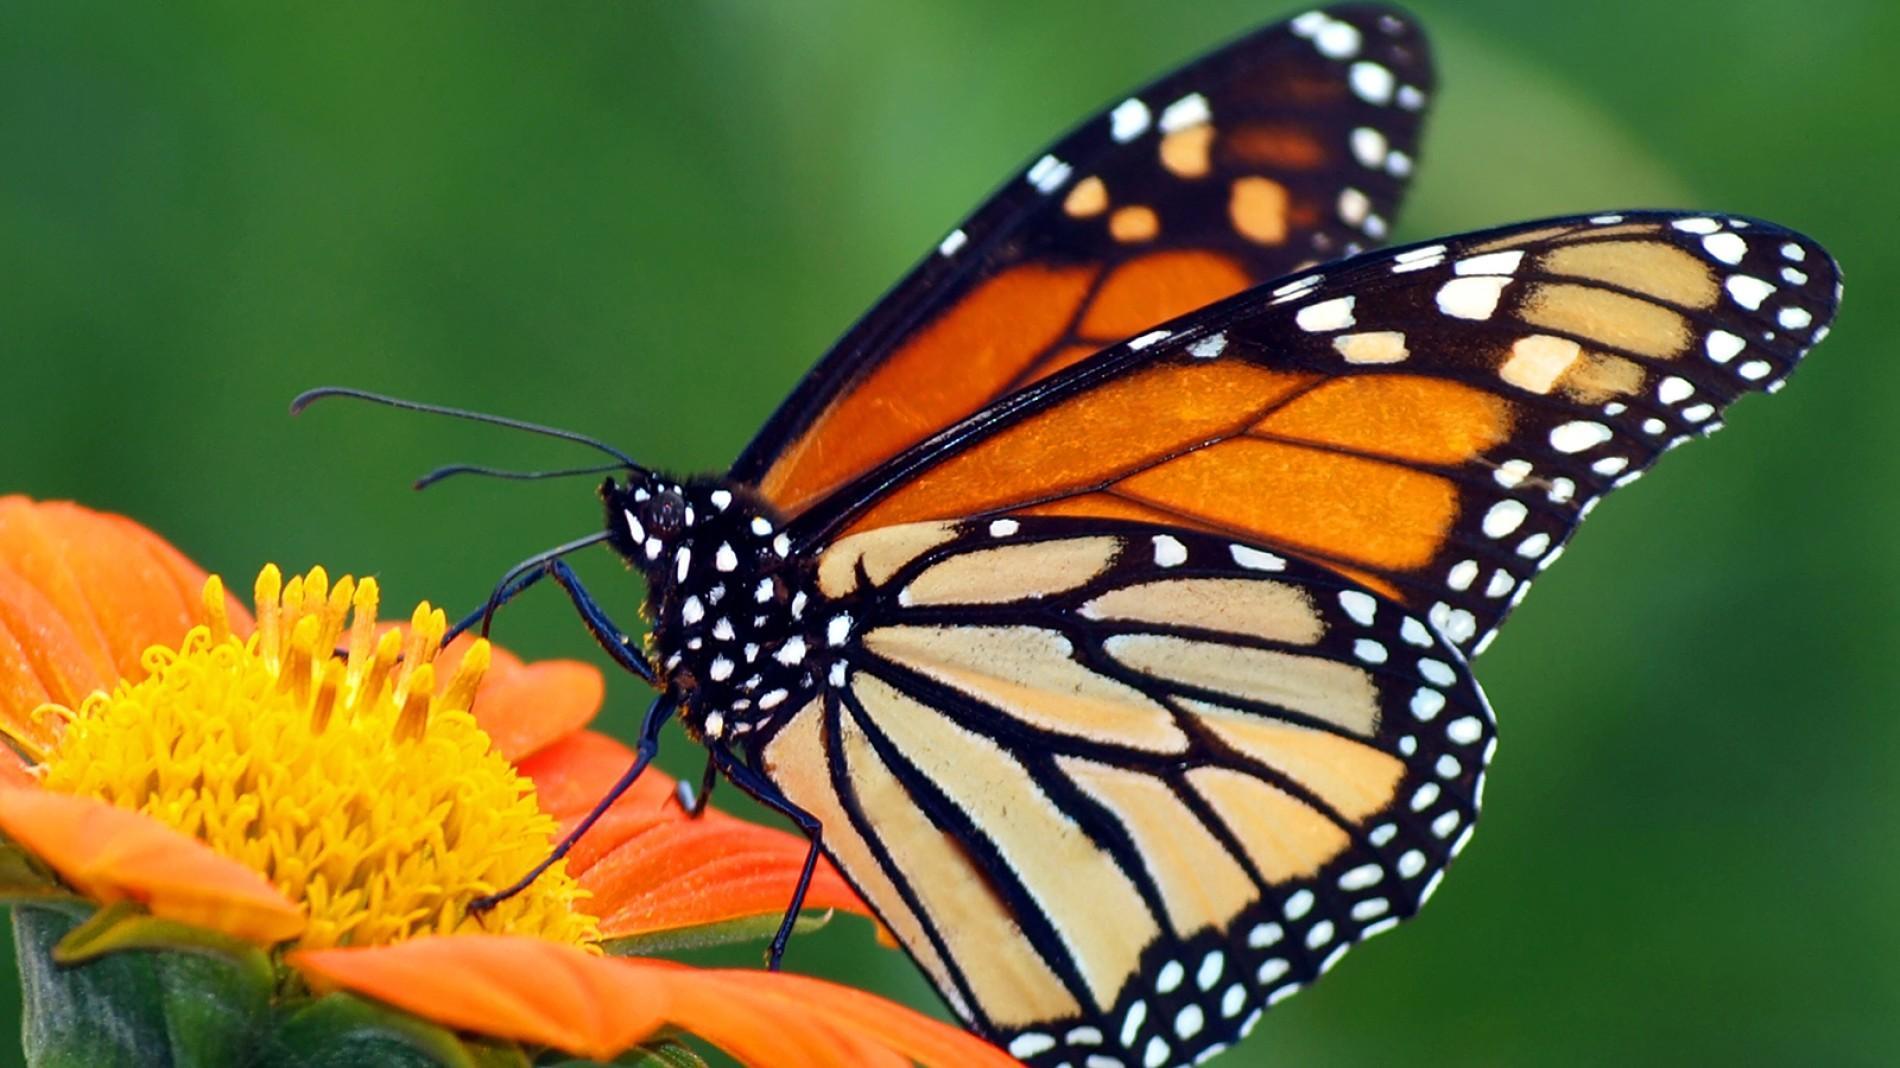 Hình ảnh chú bướm hoang dã đậu trên bông hoa